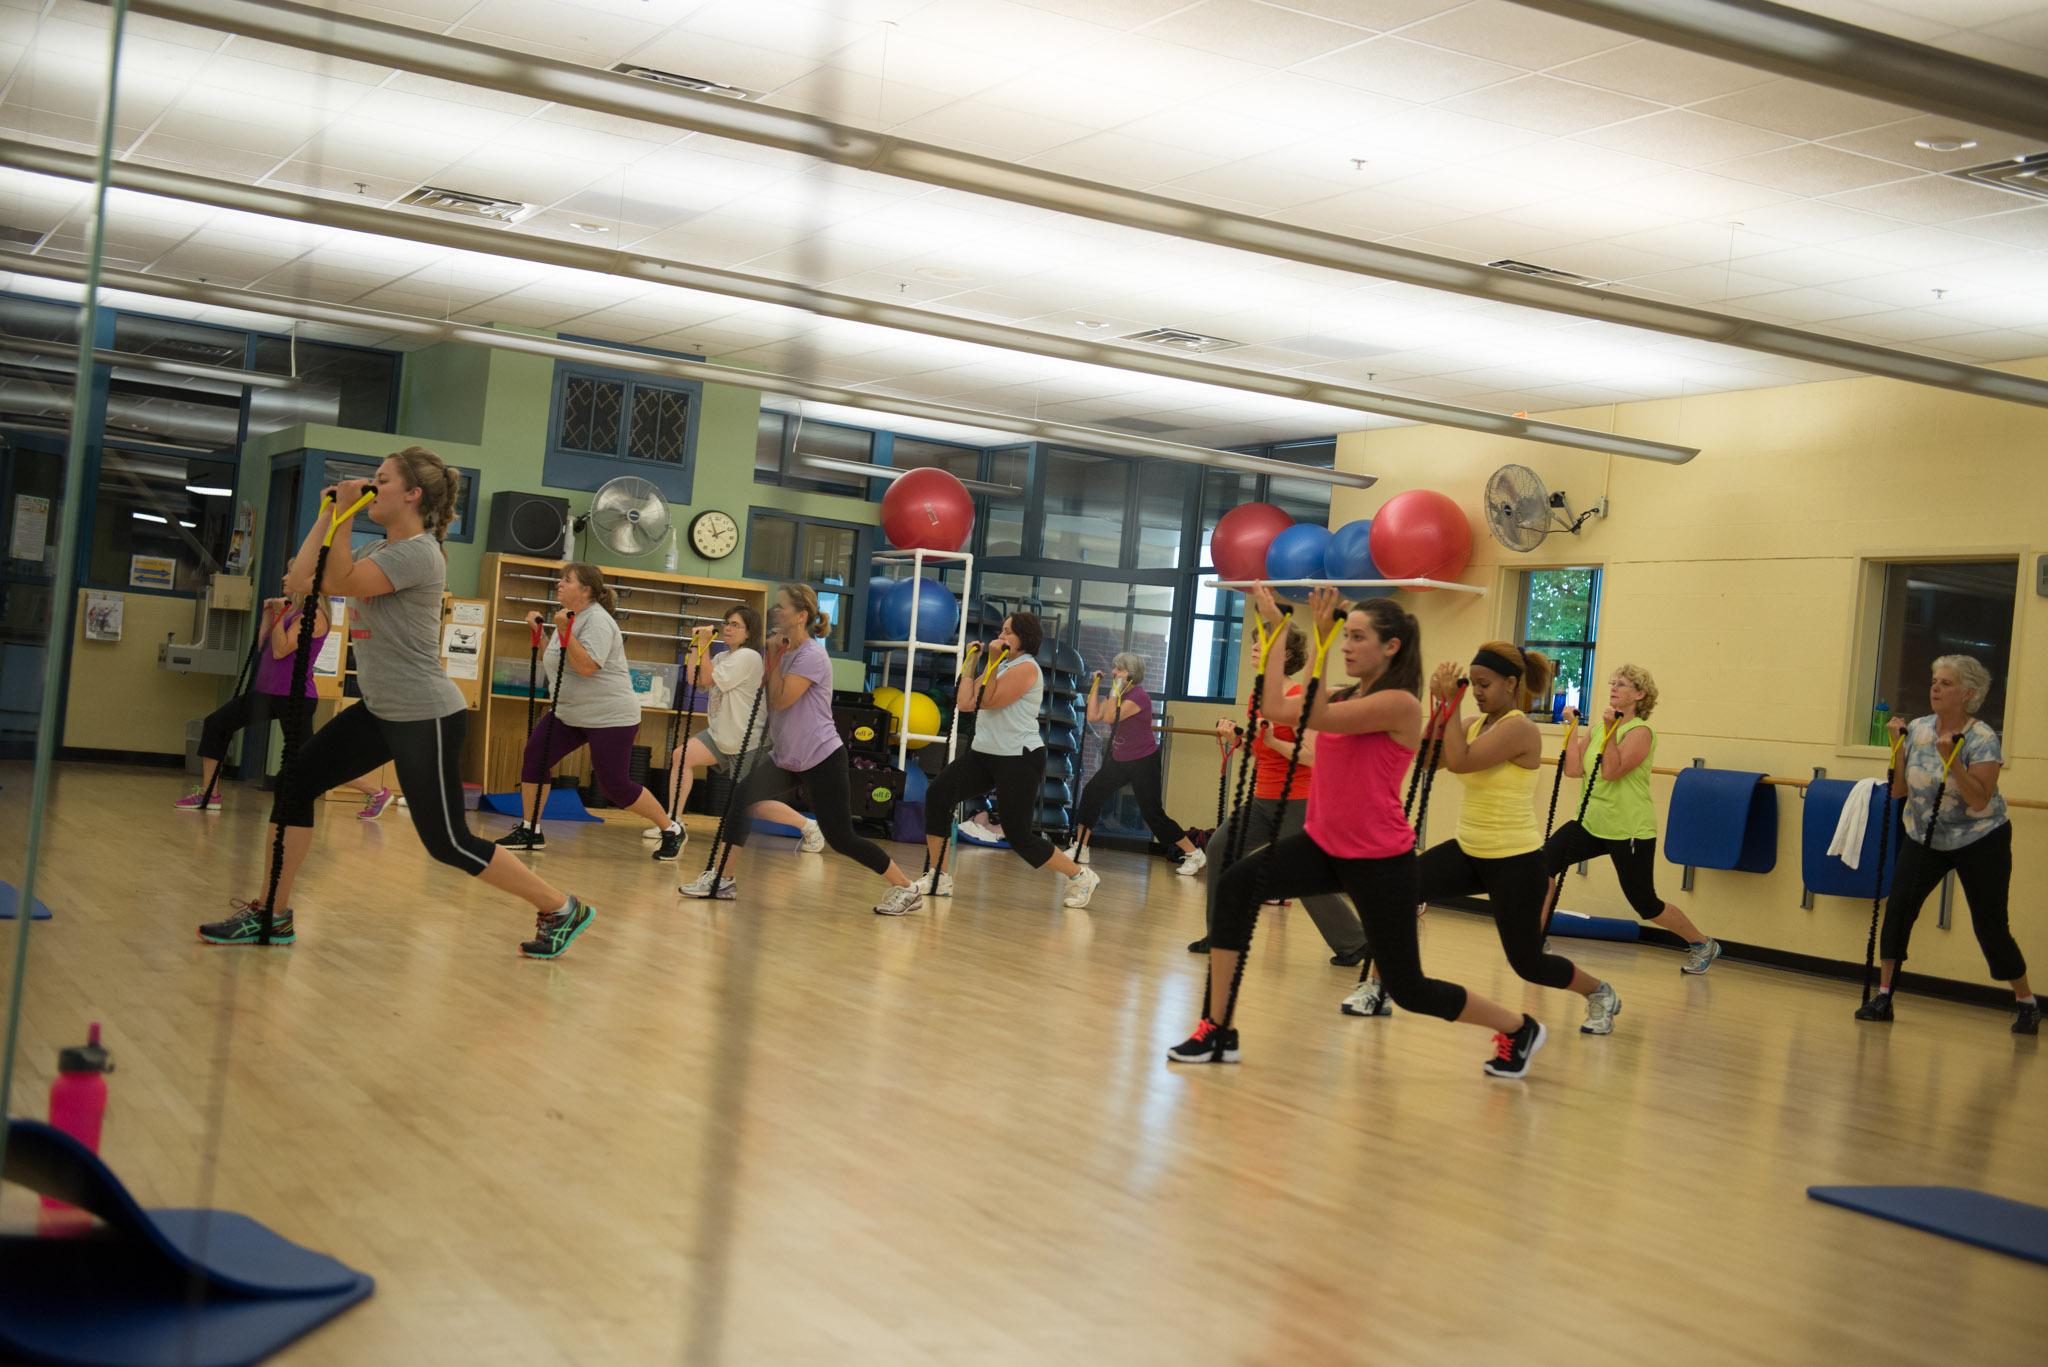 Wellness Center Stock Photos-1006.jpg